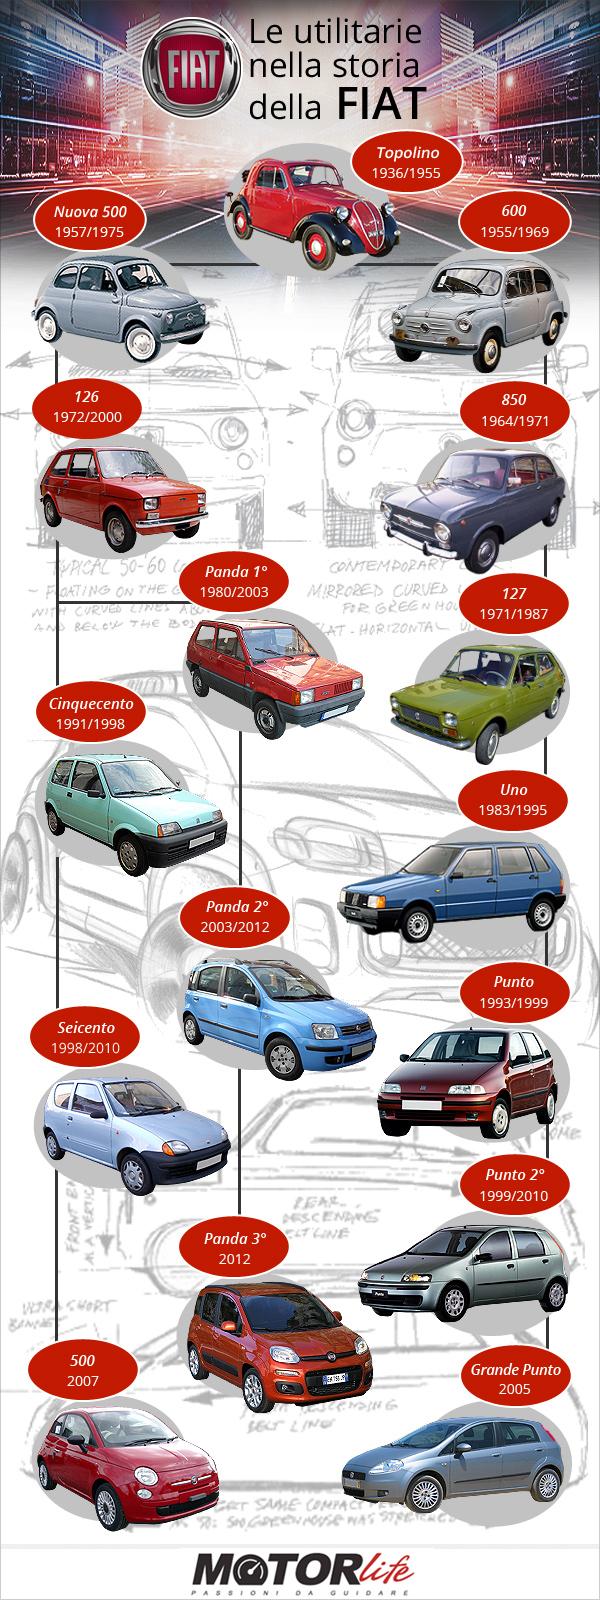 Fiat_utilitarie (2)